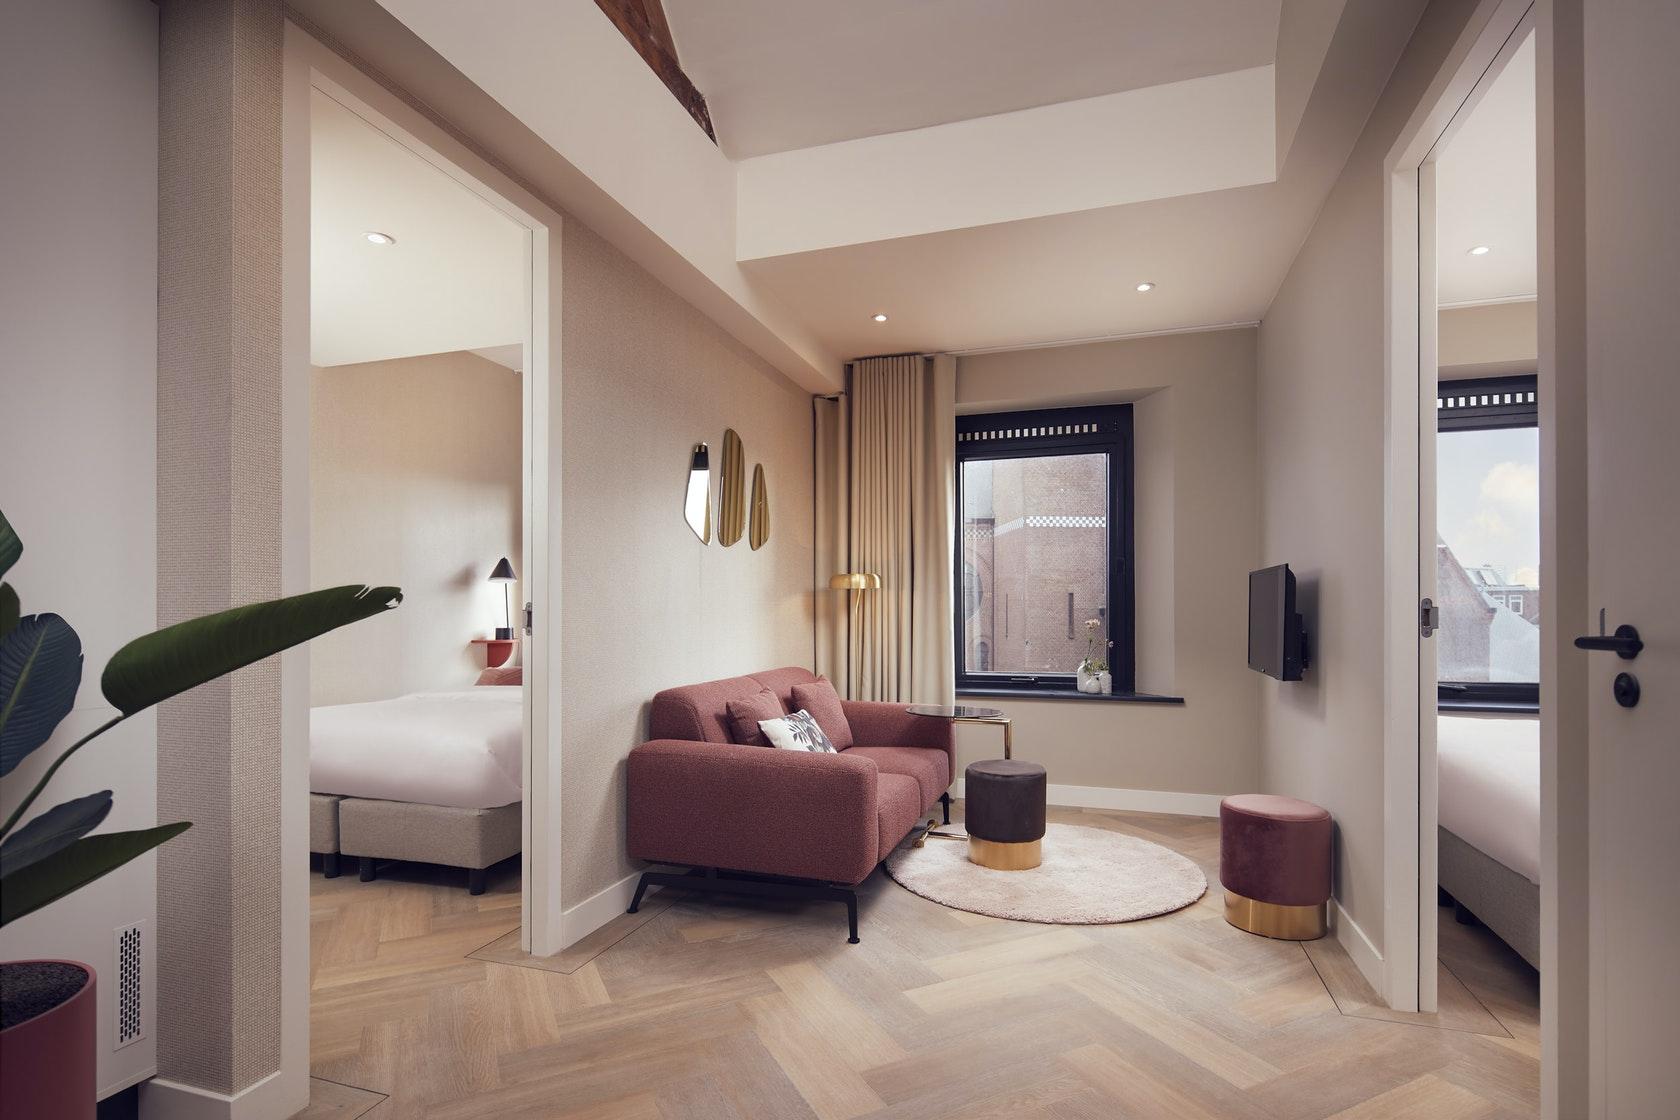 The_Anthony_Utrecht_-_Quad_Room_1_